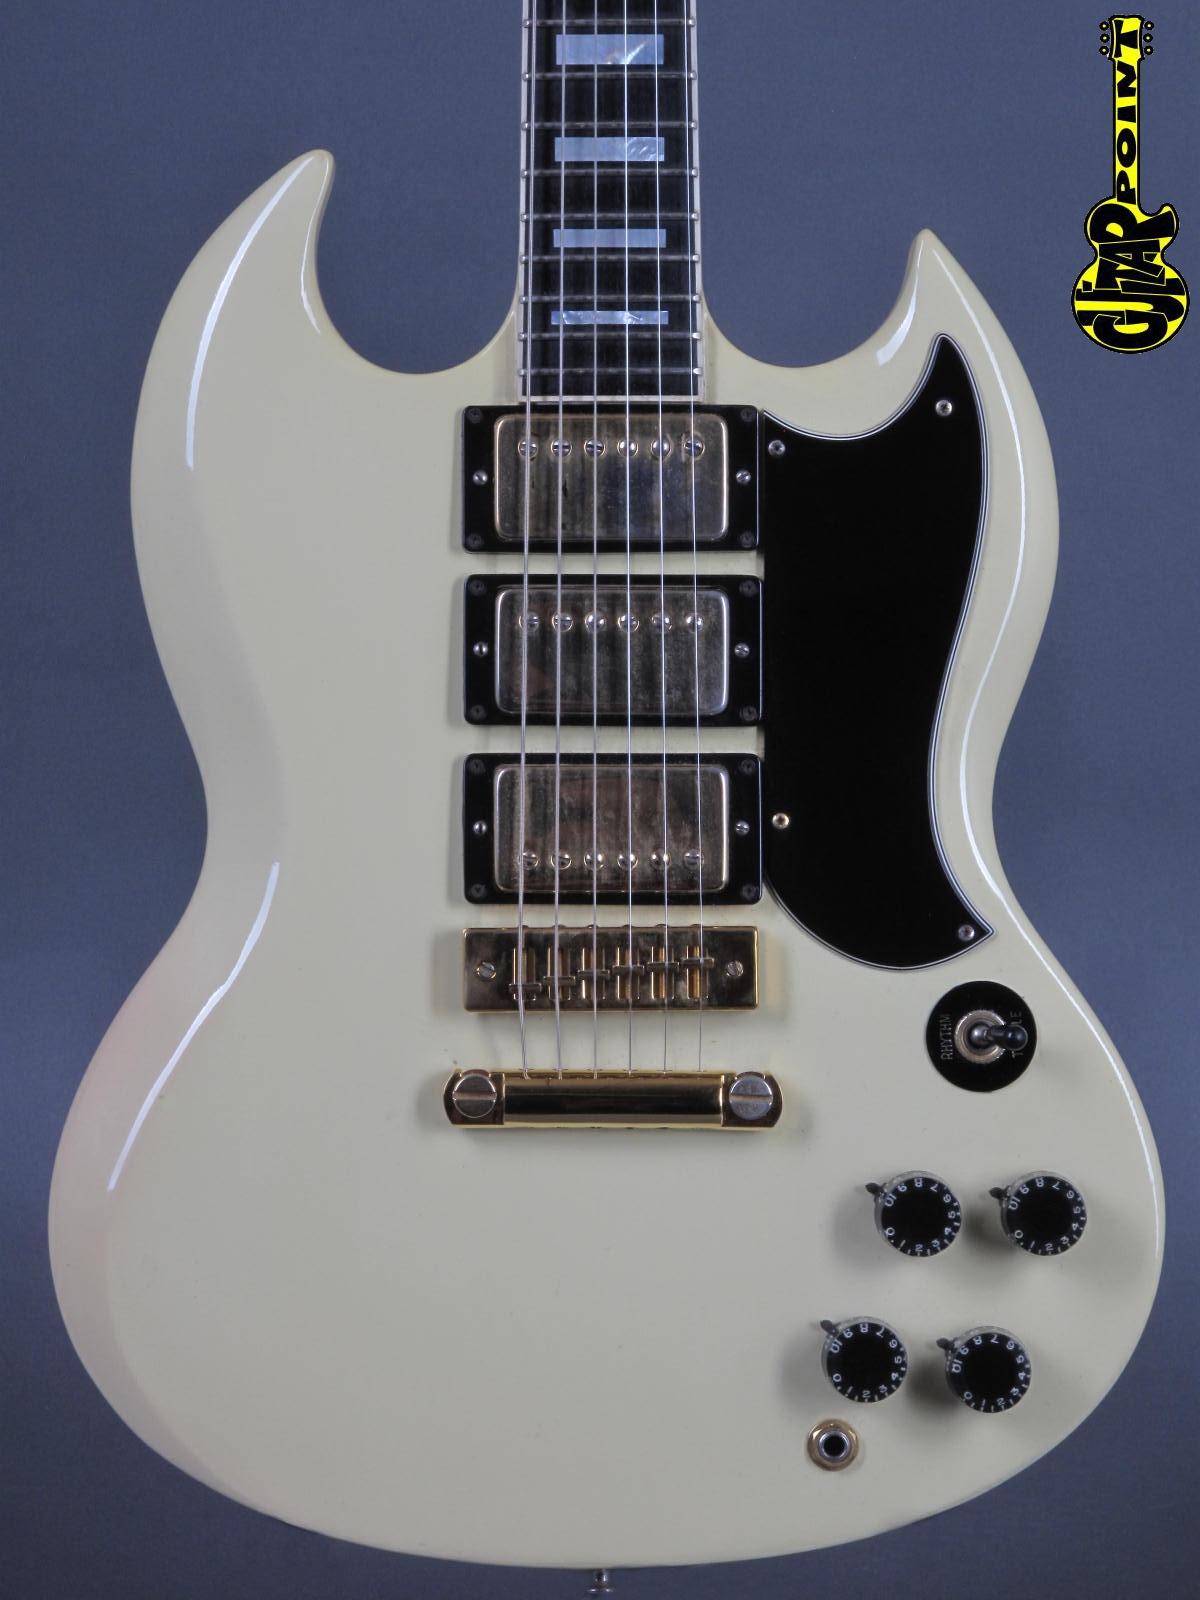 1974 Gibson SG Custom - White